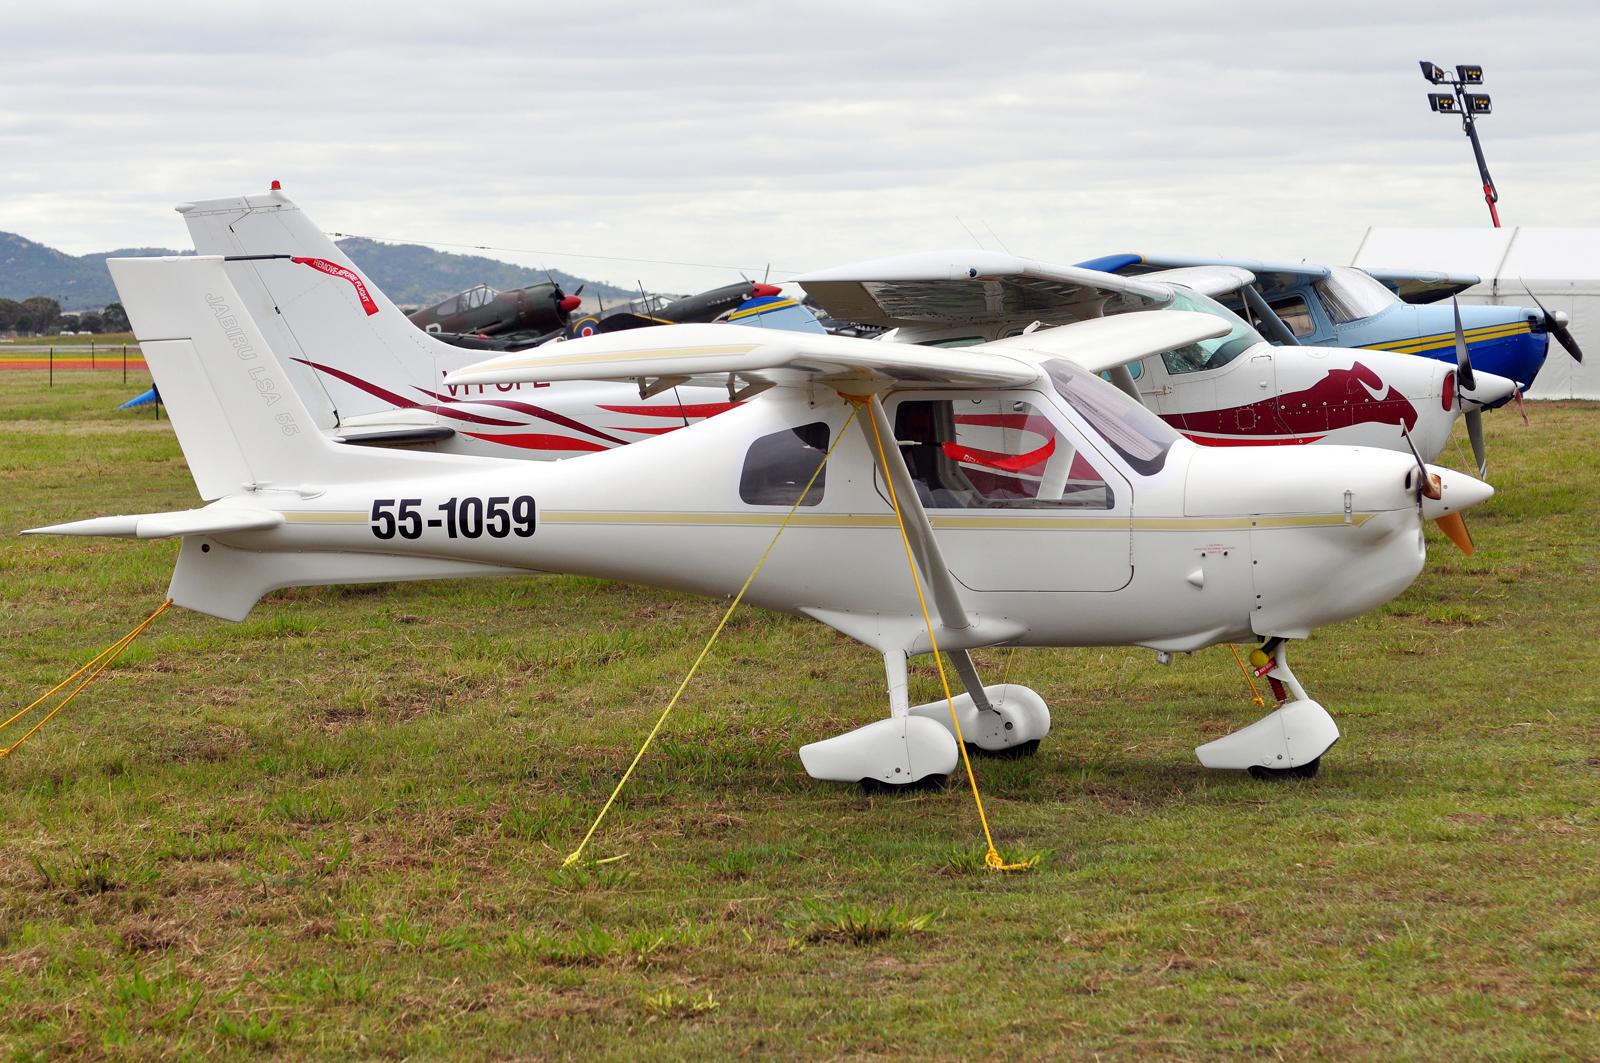 File:55-1059 Jabiru LSA 55-3J (6937191982) jpg - Wikimedia